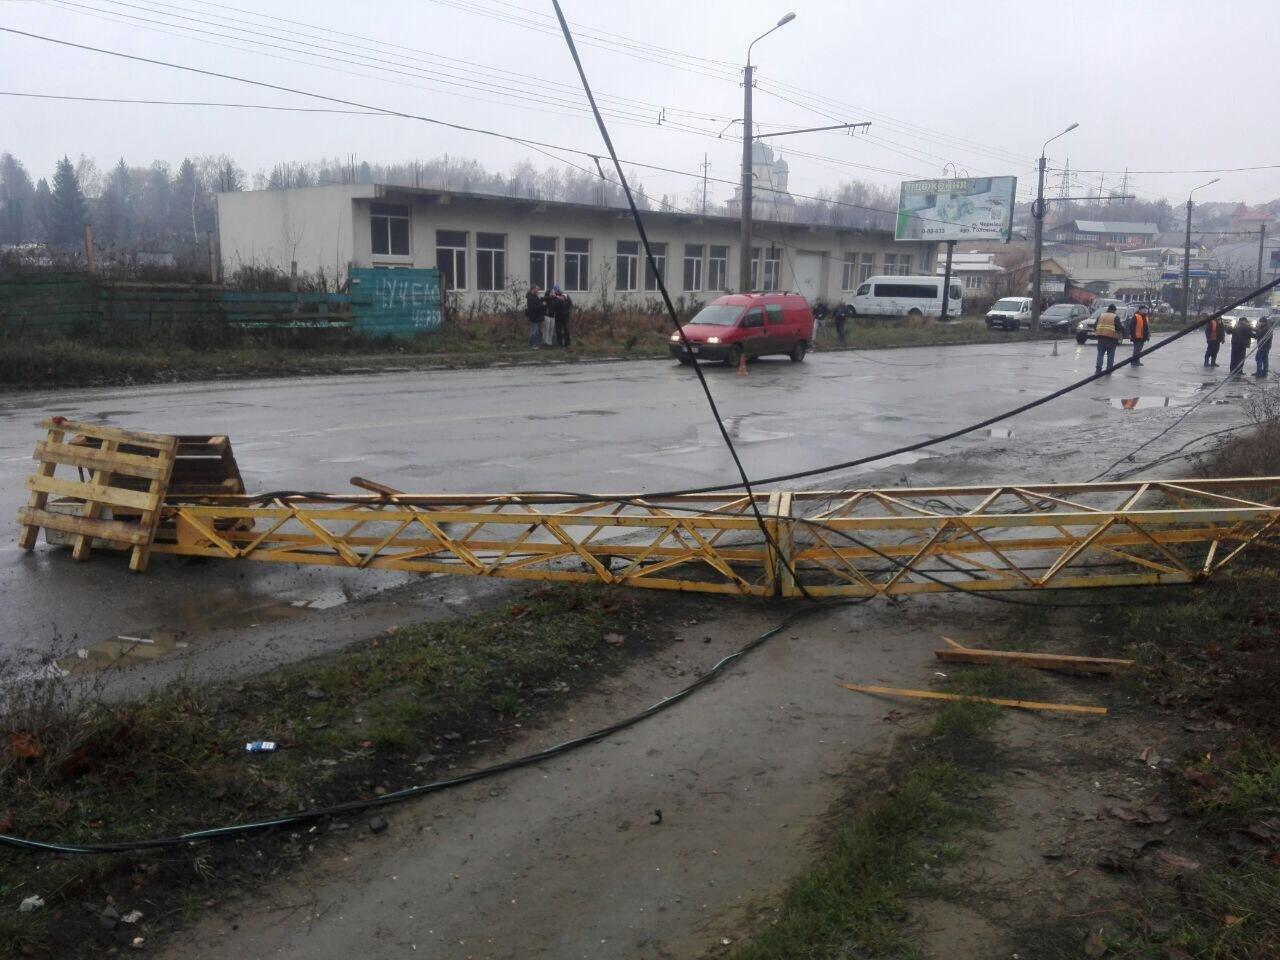 будівельний кран впав на проїжджу частину вулиці - пресслужба Нацполіції в Чернівецькій області